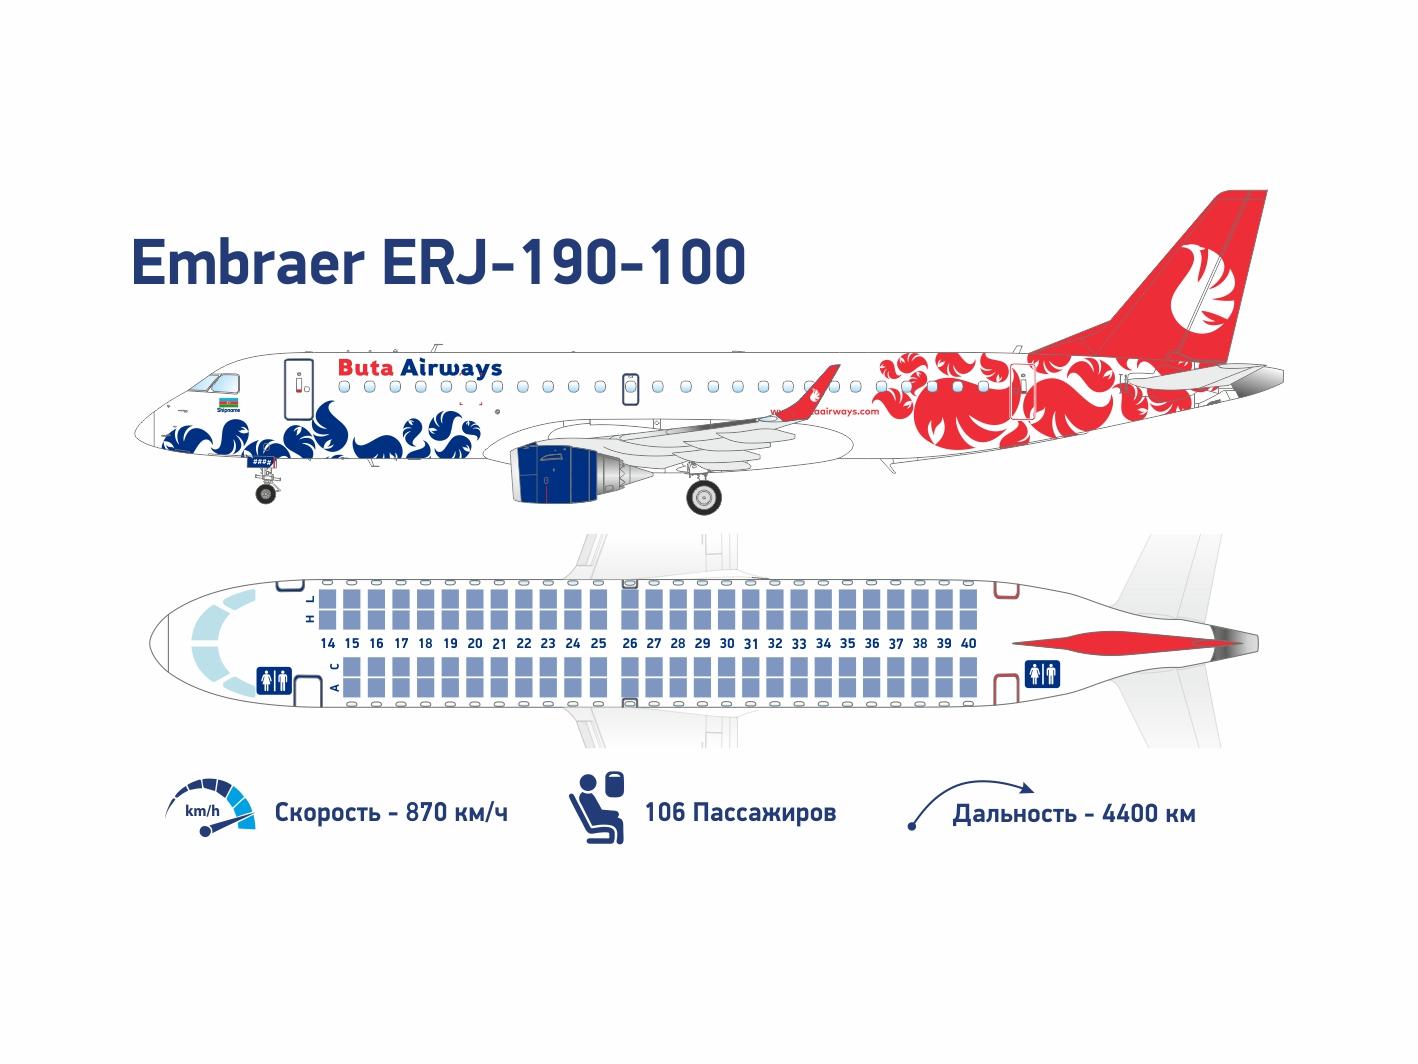 Схема самолета Embraer E190 Buta Airways